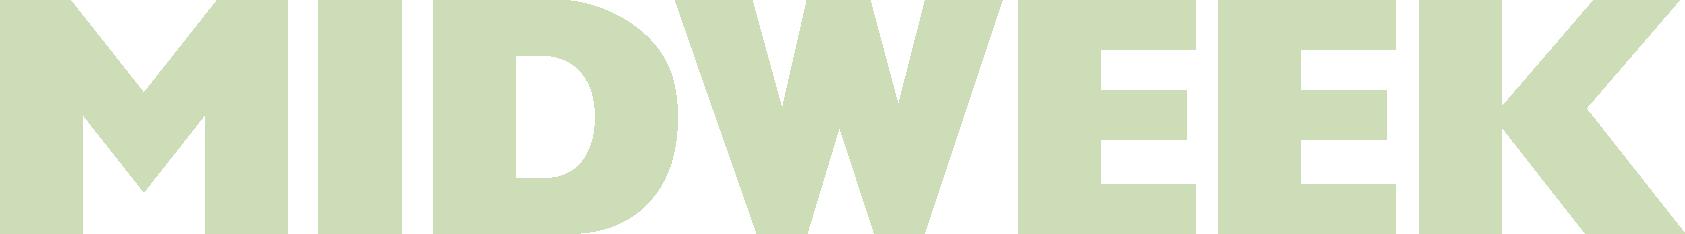 midweek-logo-green.png